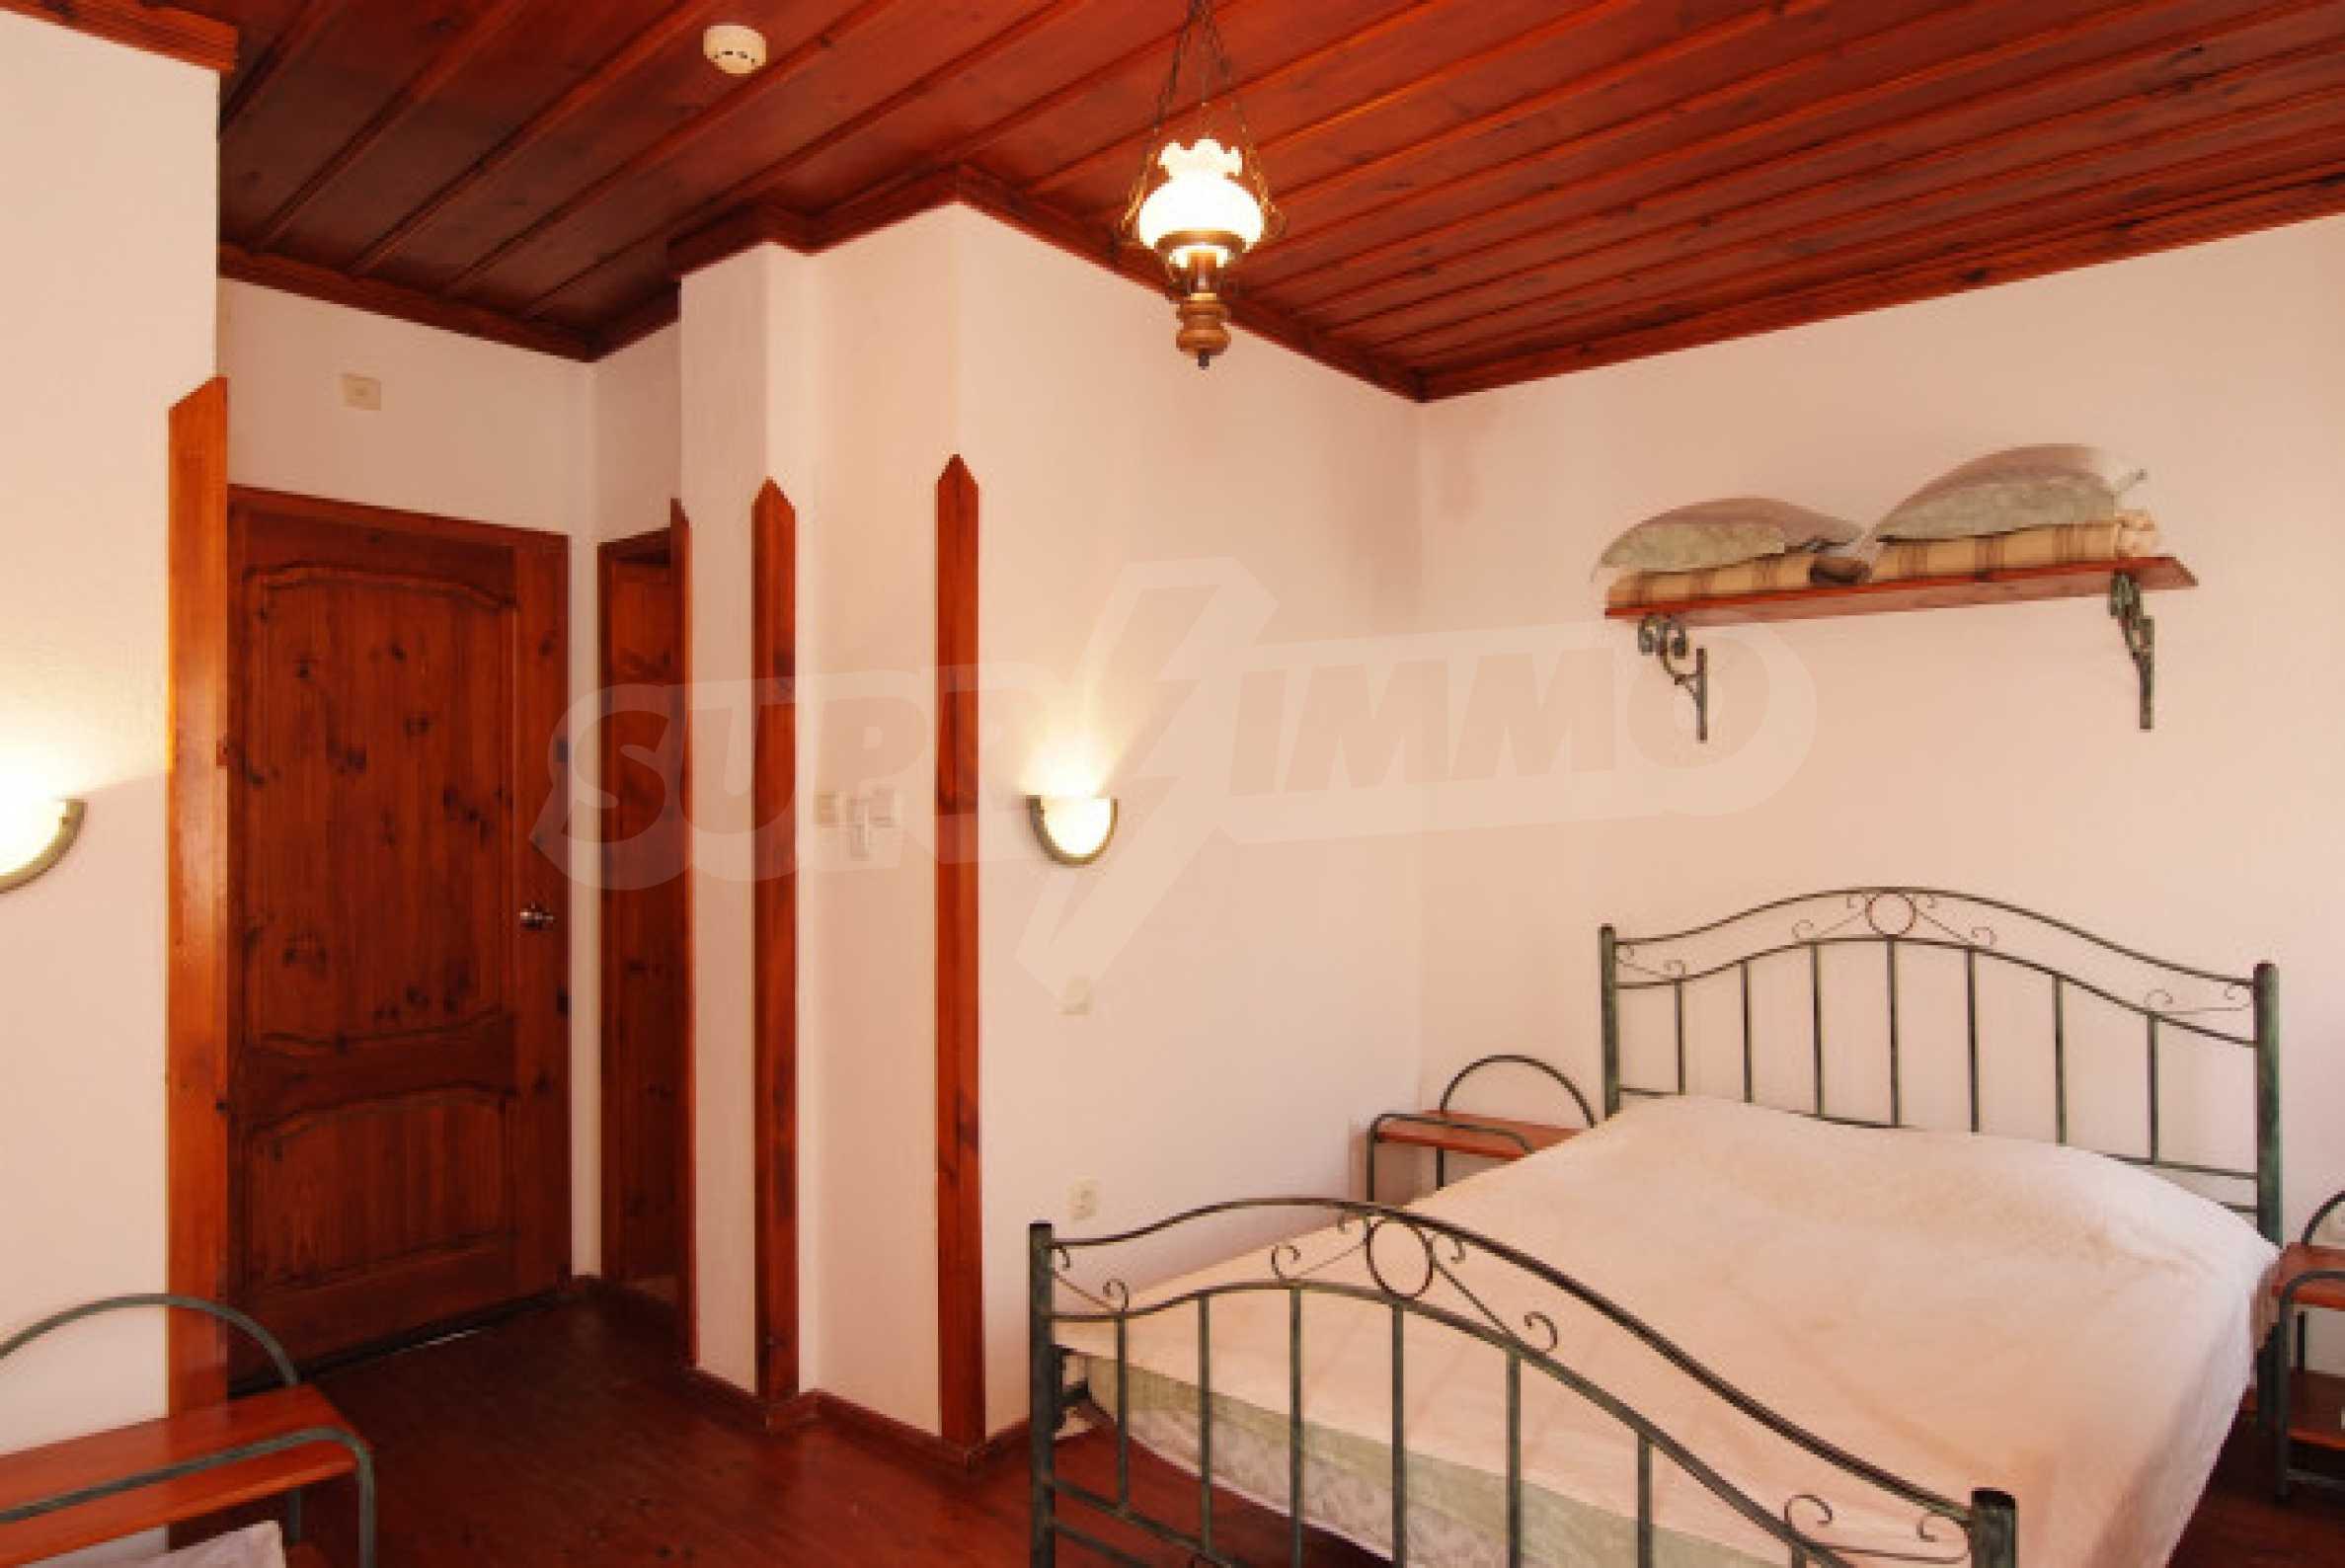 Семеен хотел в центъра на град Мелник 17